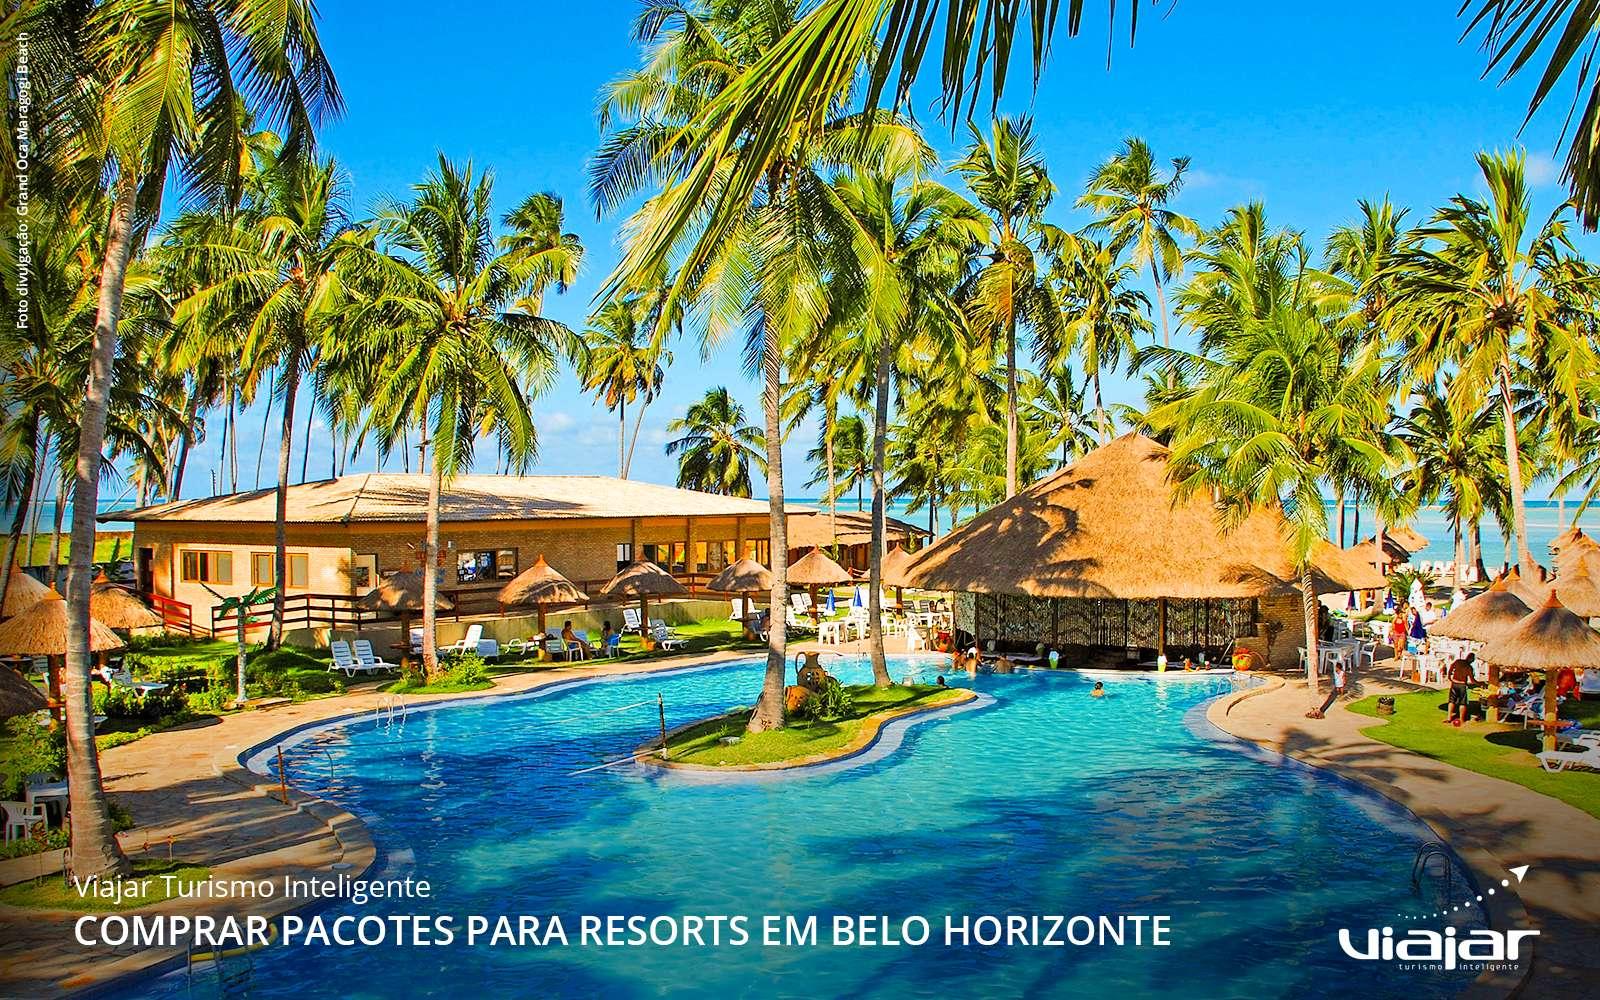 viajar-turismo-inteligente-comprar-pacotes-resorts-belo-horizonte-minas-gerais-03-1